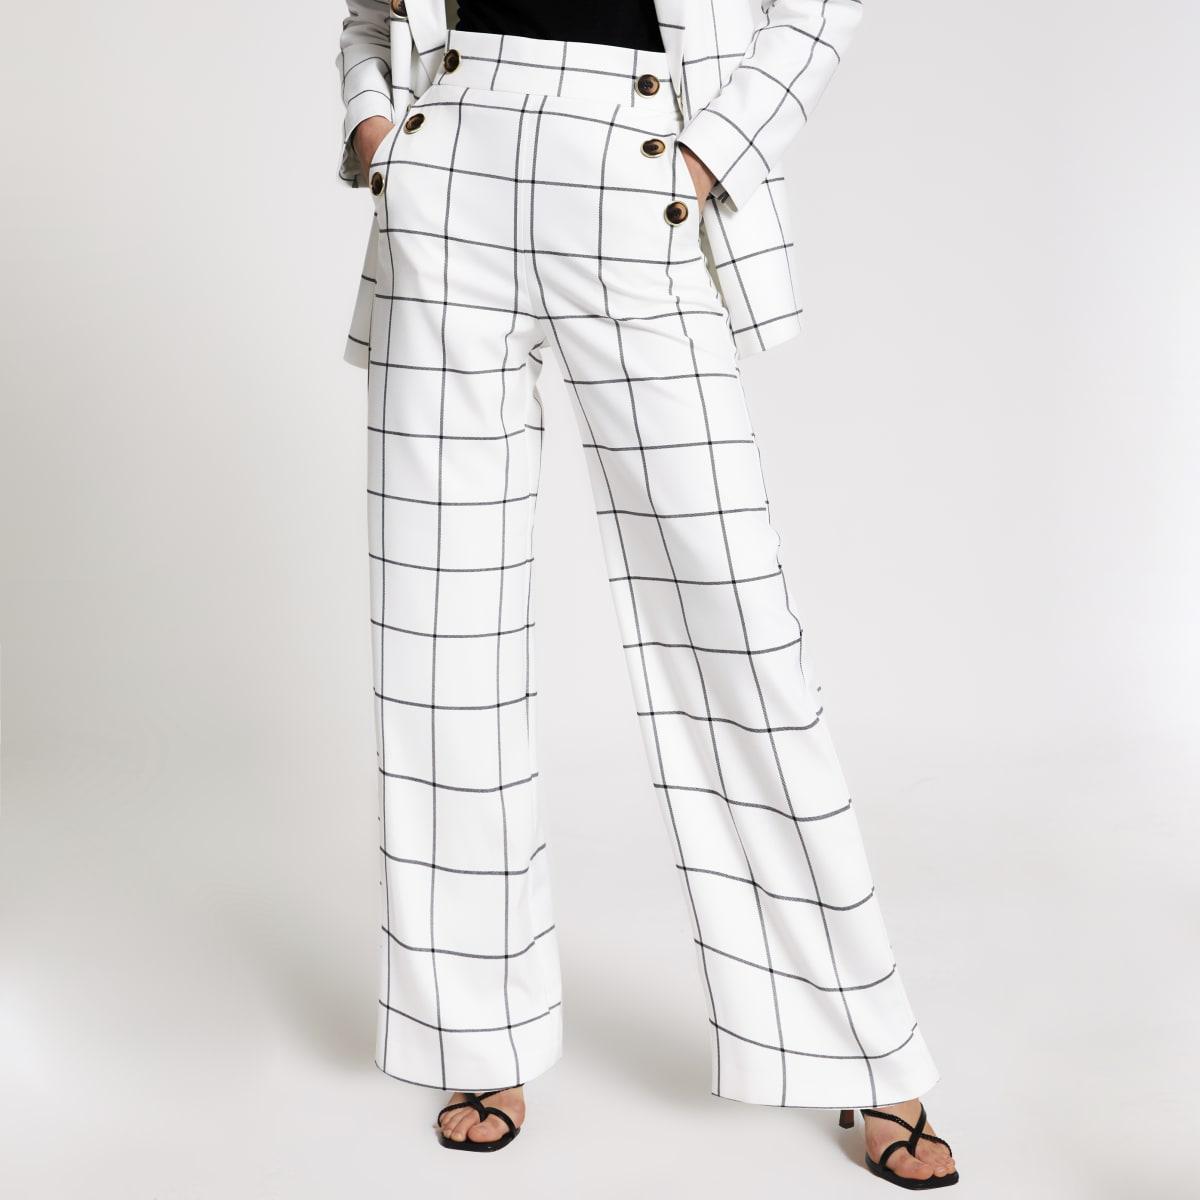 Crèmekleurige geruite broek met wijde pijpen en knopen voor